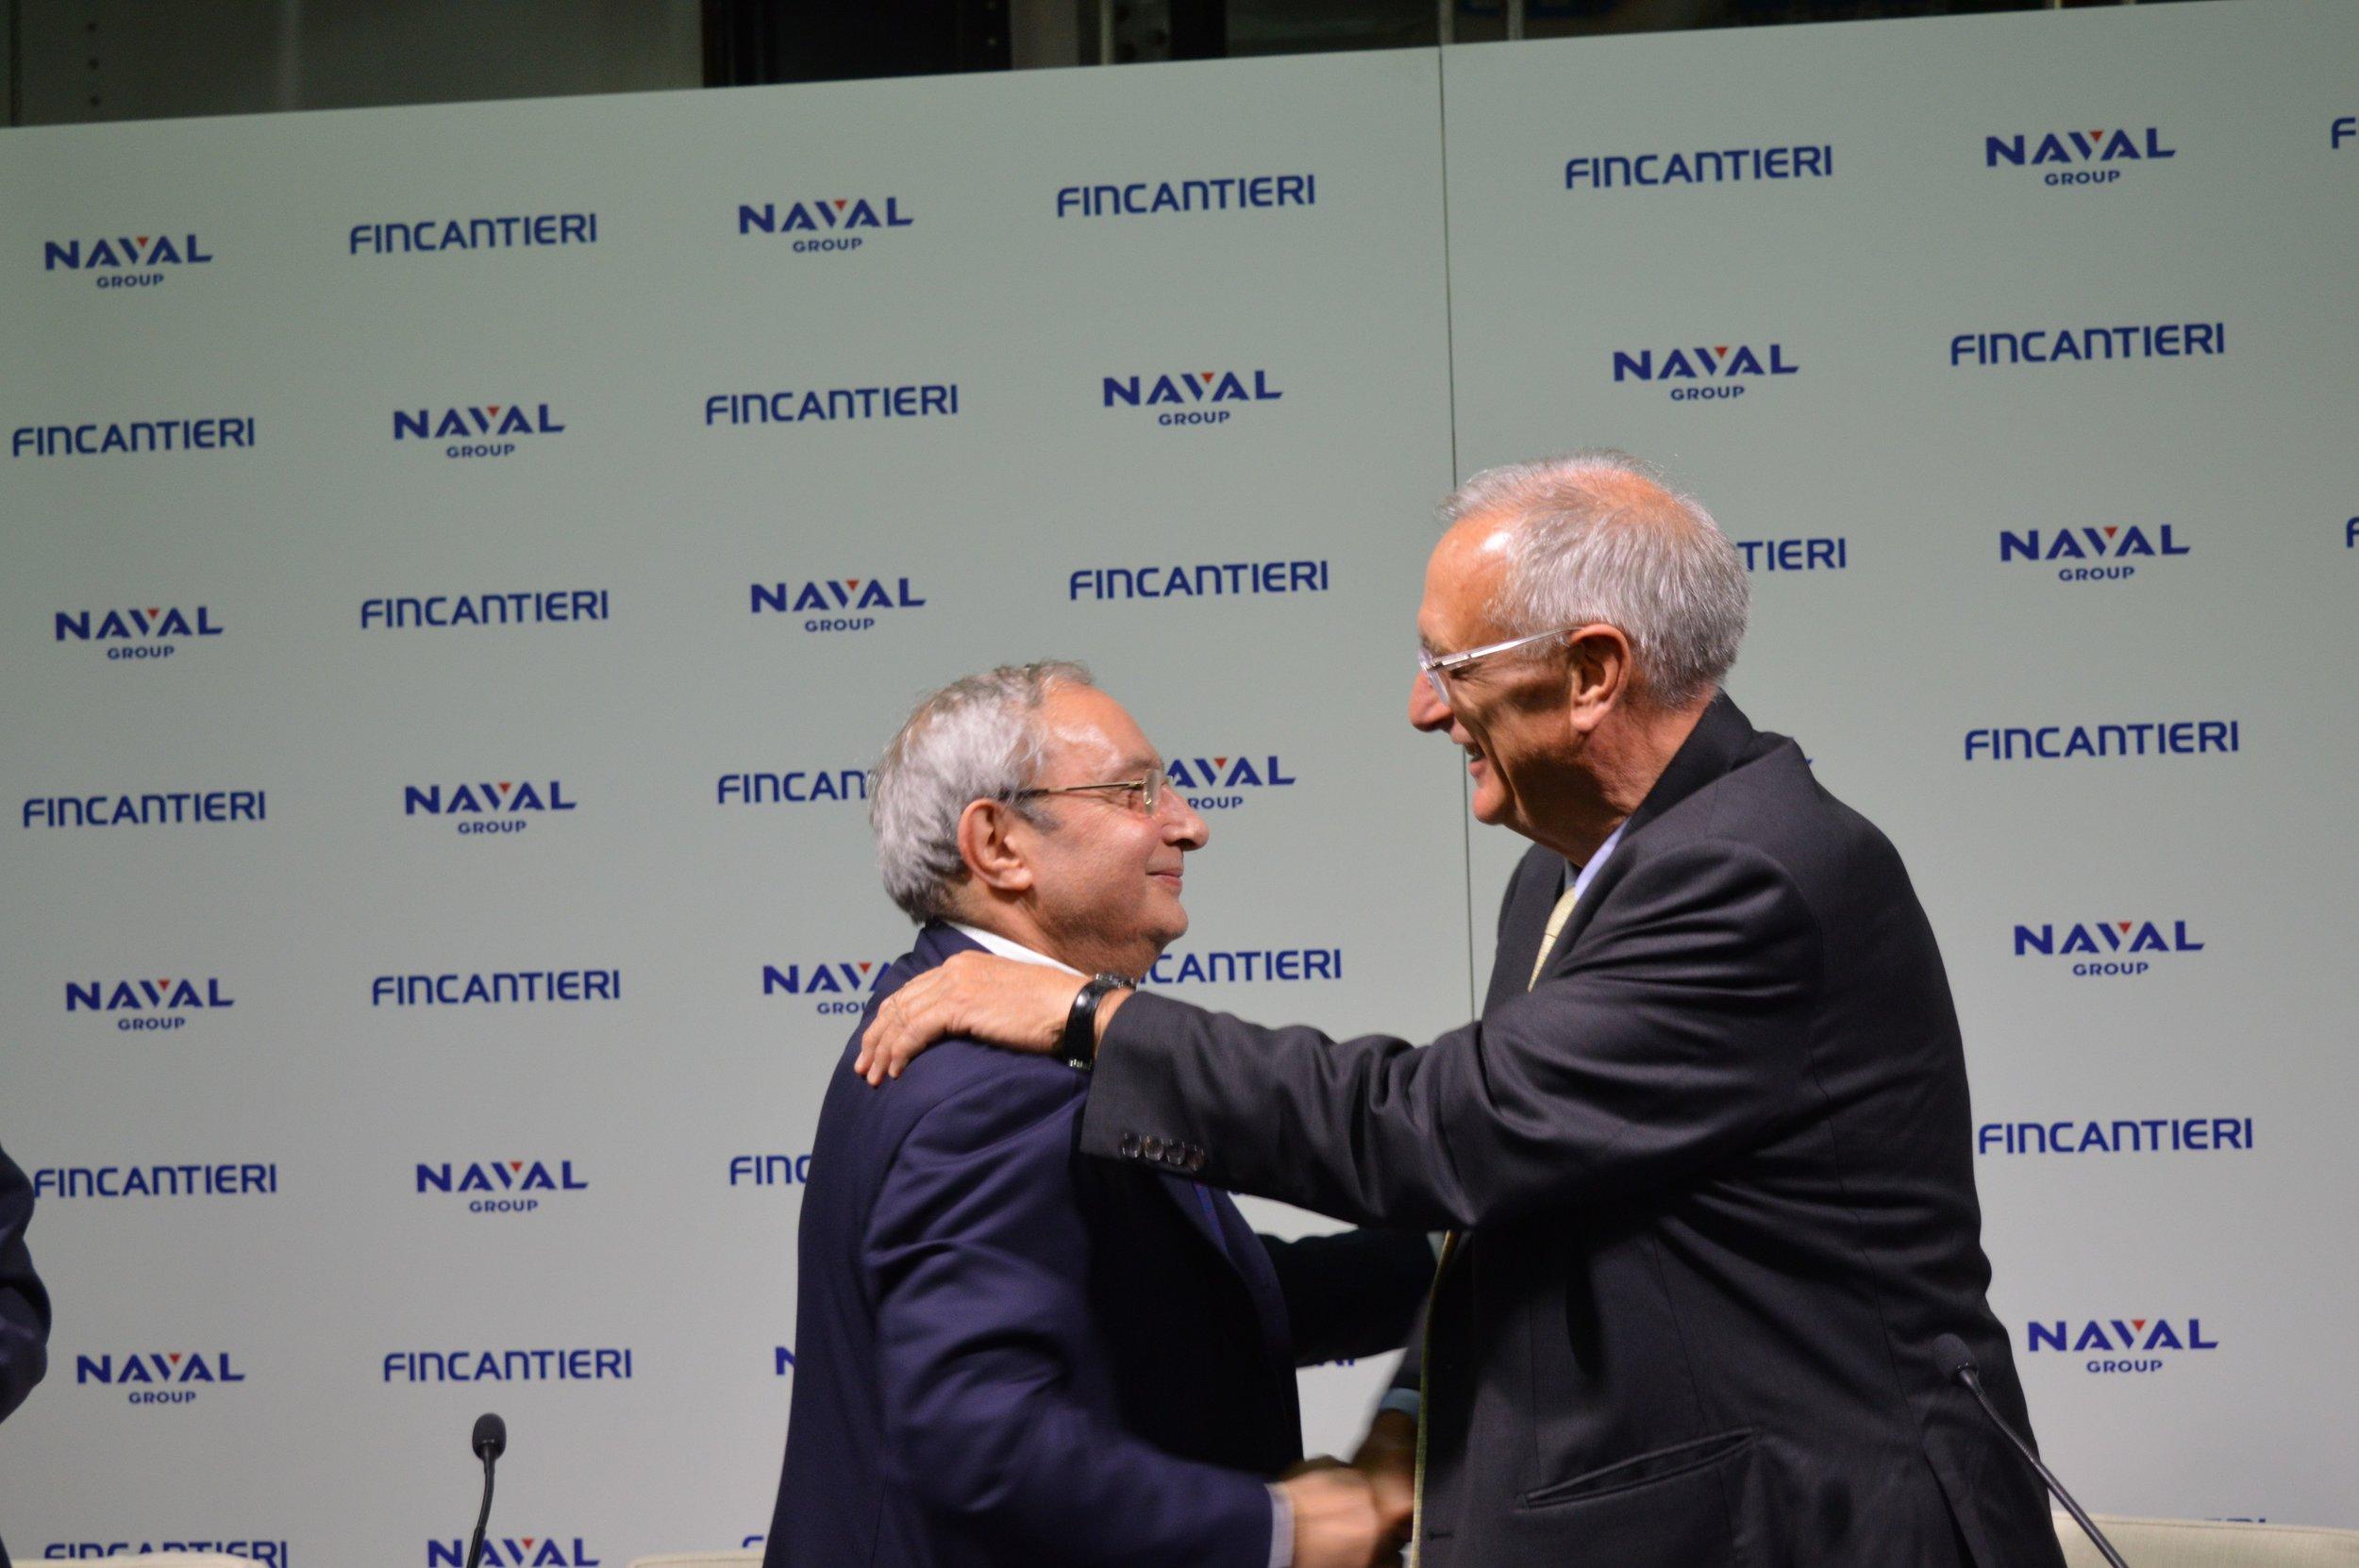 Hervé Guillou et Giuseppe Bono scellent l'accord Naval Group et Fincantieri